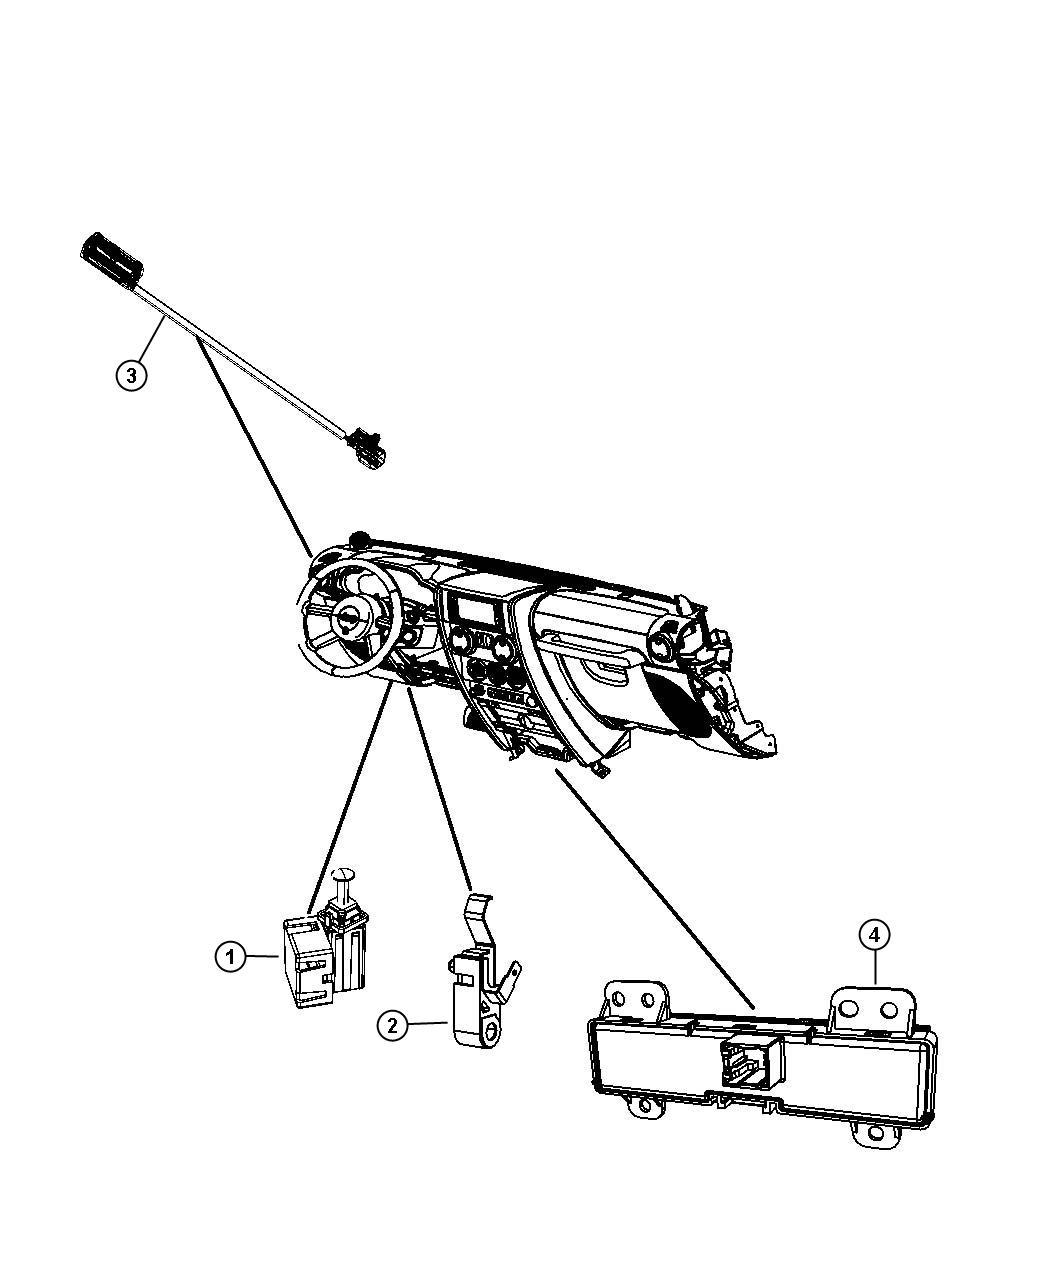 Jeep Wrangler Switch Pod Electronic Stability Program